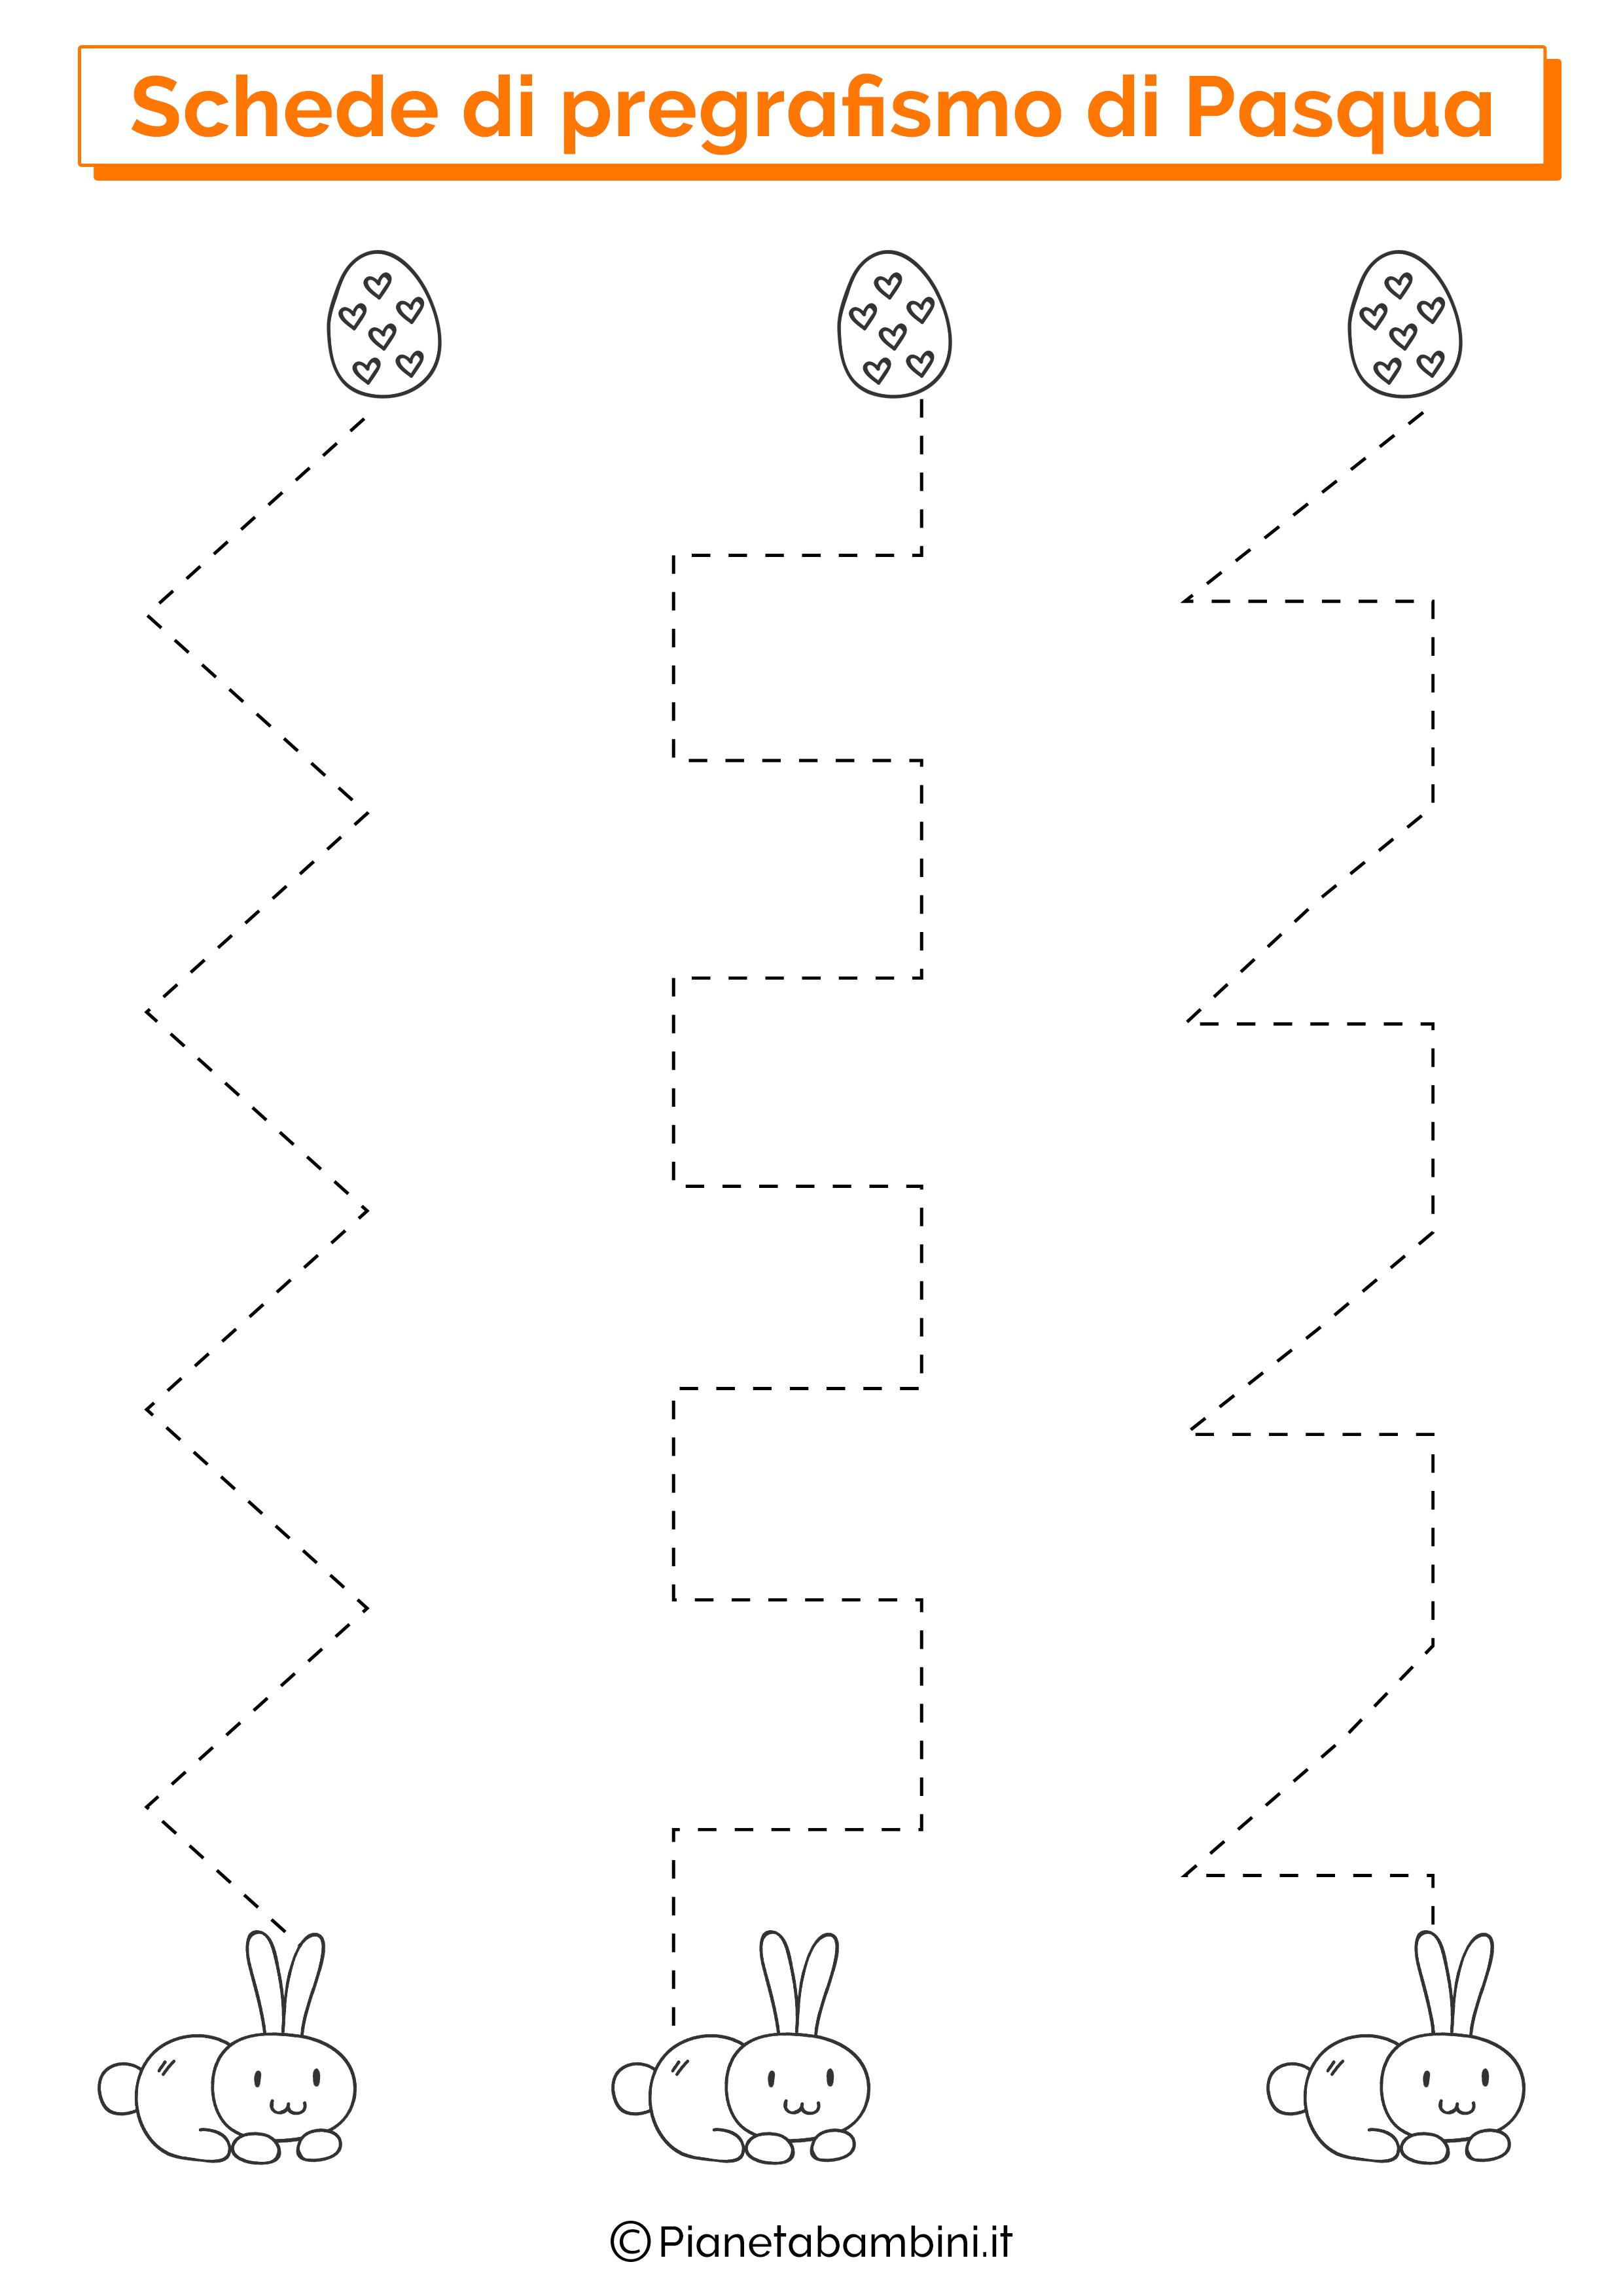 Scheda di pregrafismo di Pasqua su linee verticali 4